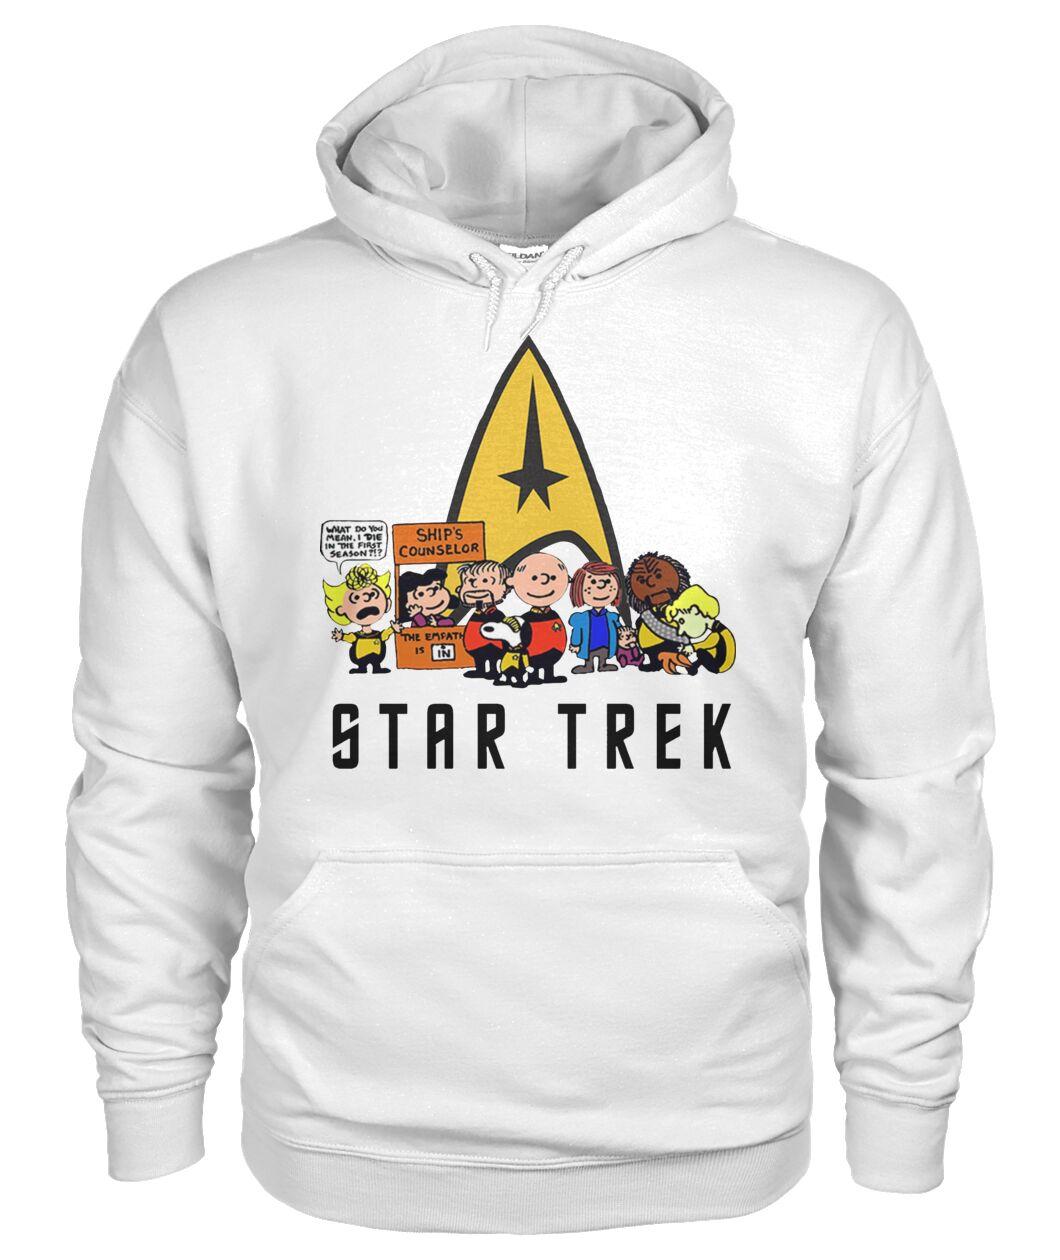 charlie brown snoopy and woodstock star trek hoodie